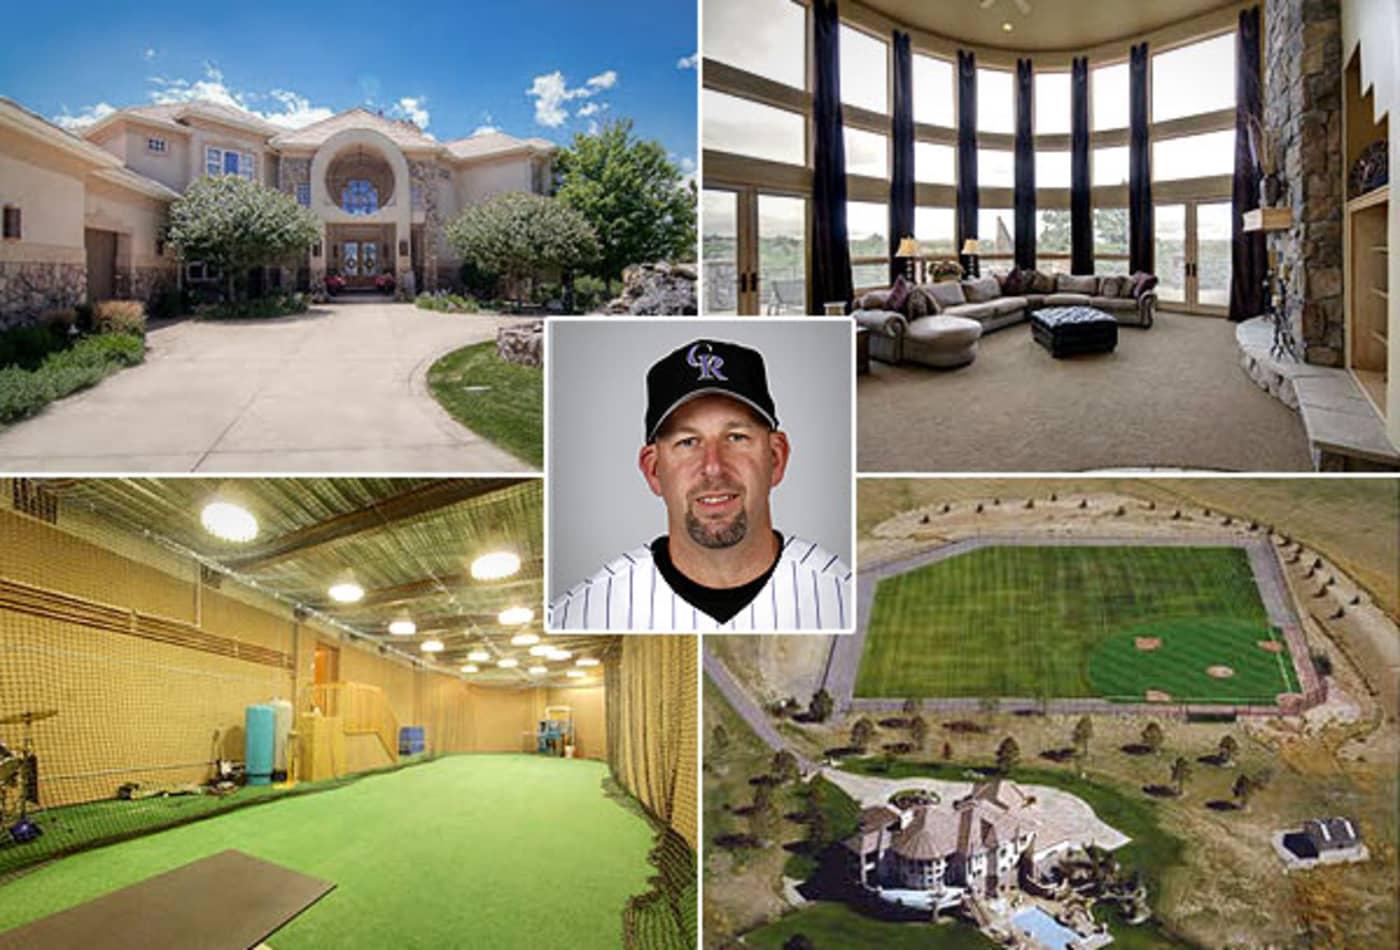 Walt-Weiss-Baseball-Homes-CNBC.jpg